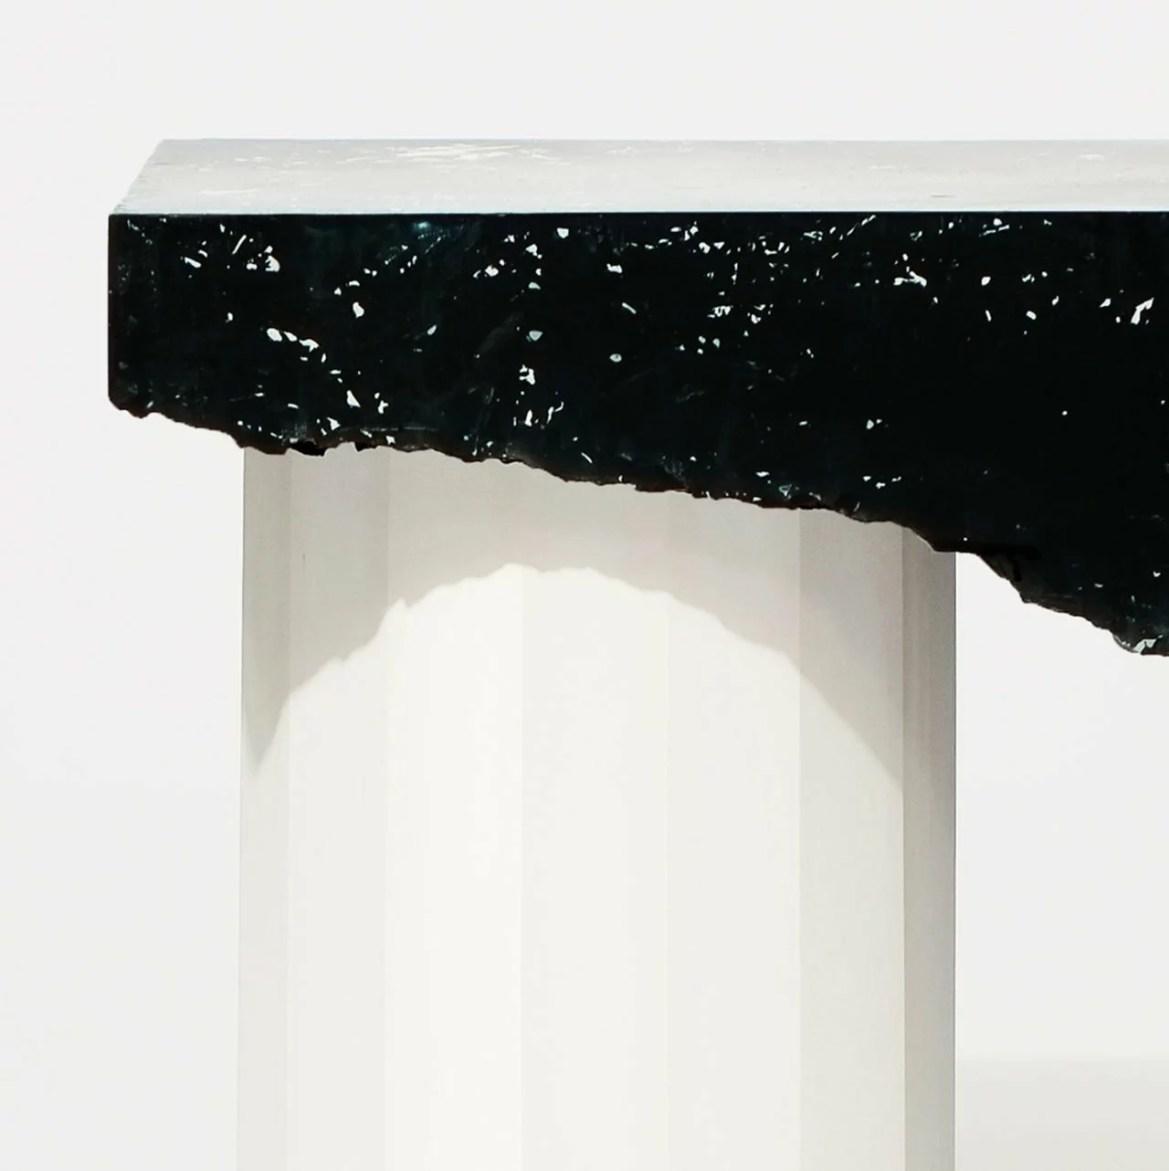 Andréason & Leibel, Black Hollow occational table